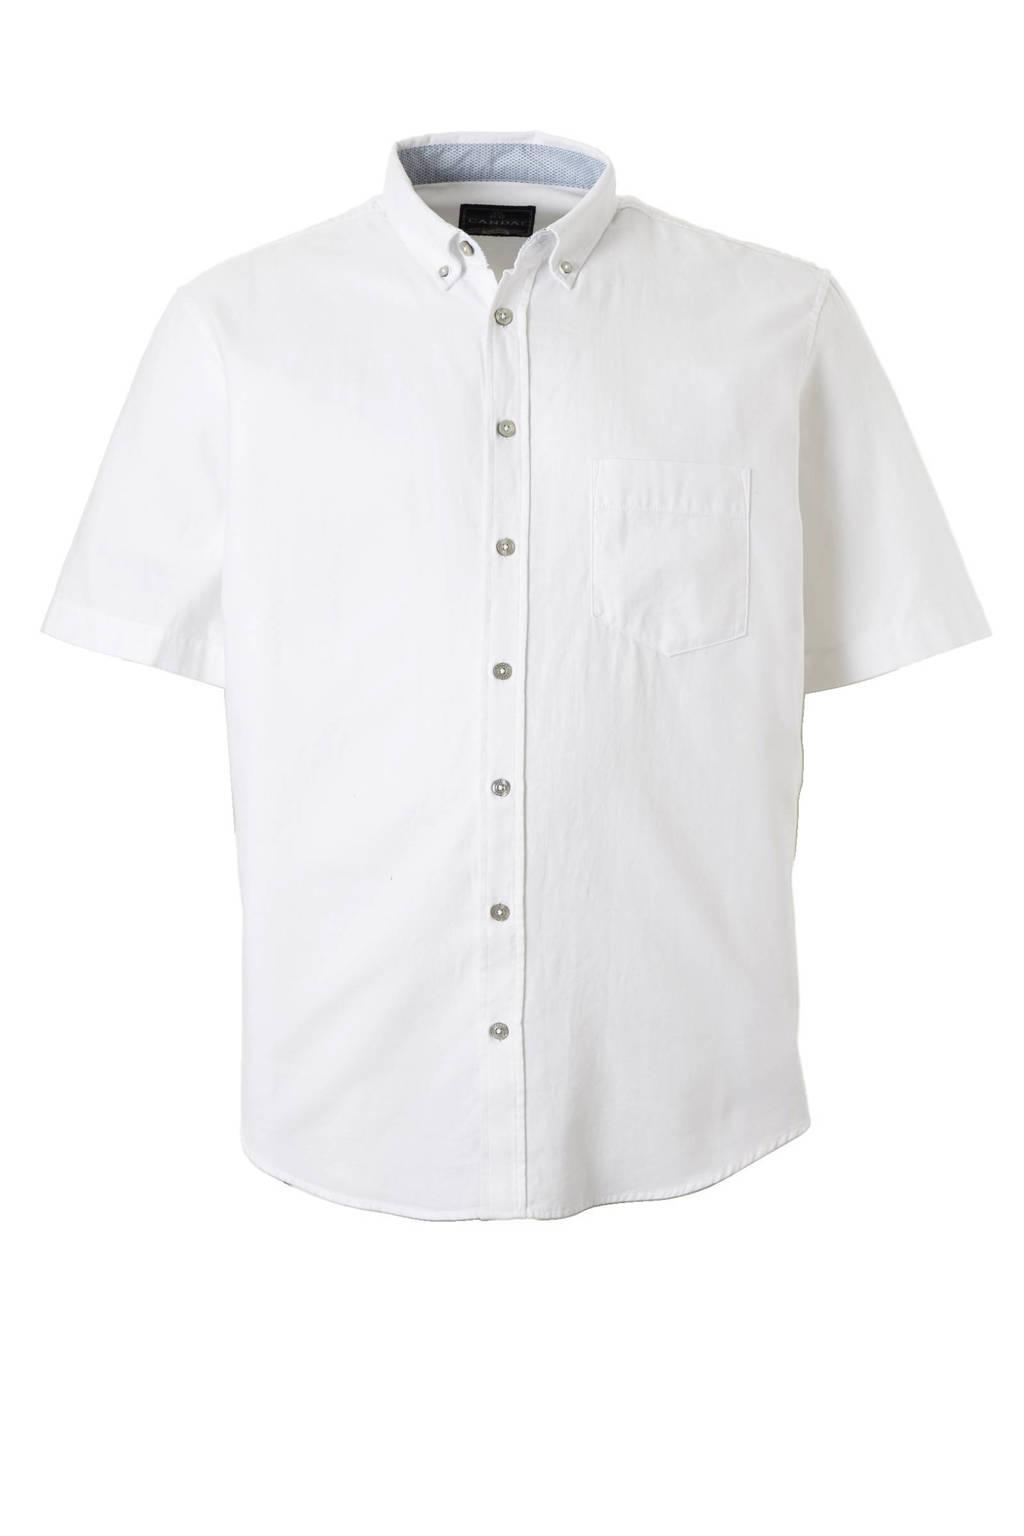 Overhemd Xl.C A Heren Xl Overhemd Met Korte Mouwen Wit Wehkamp